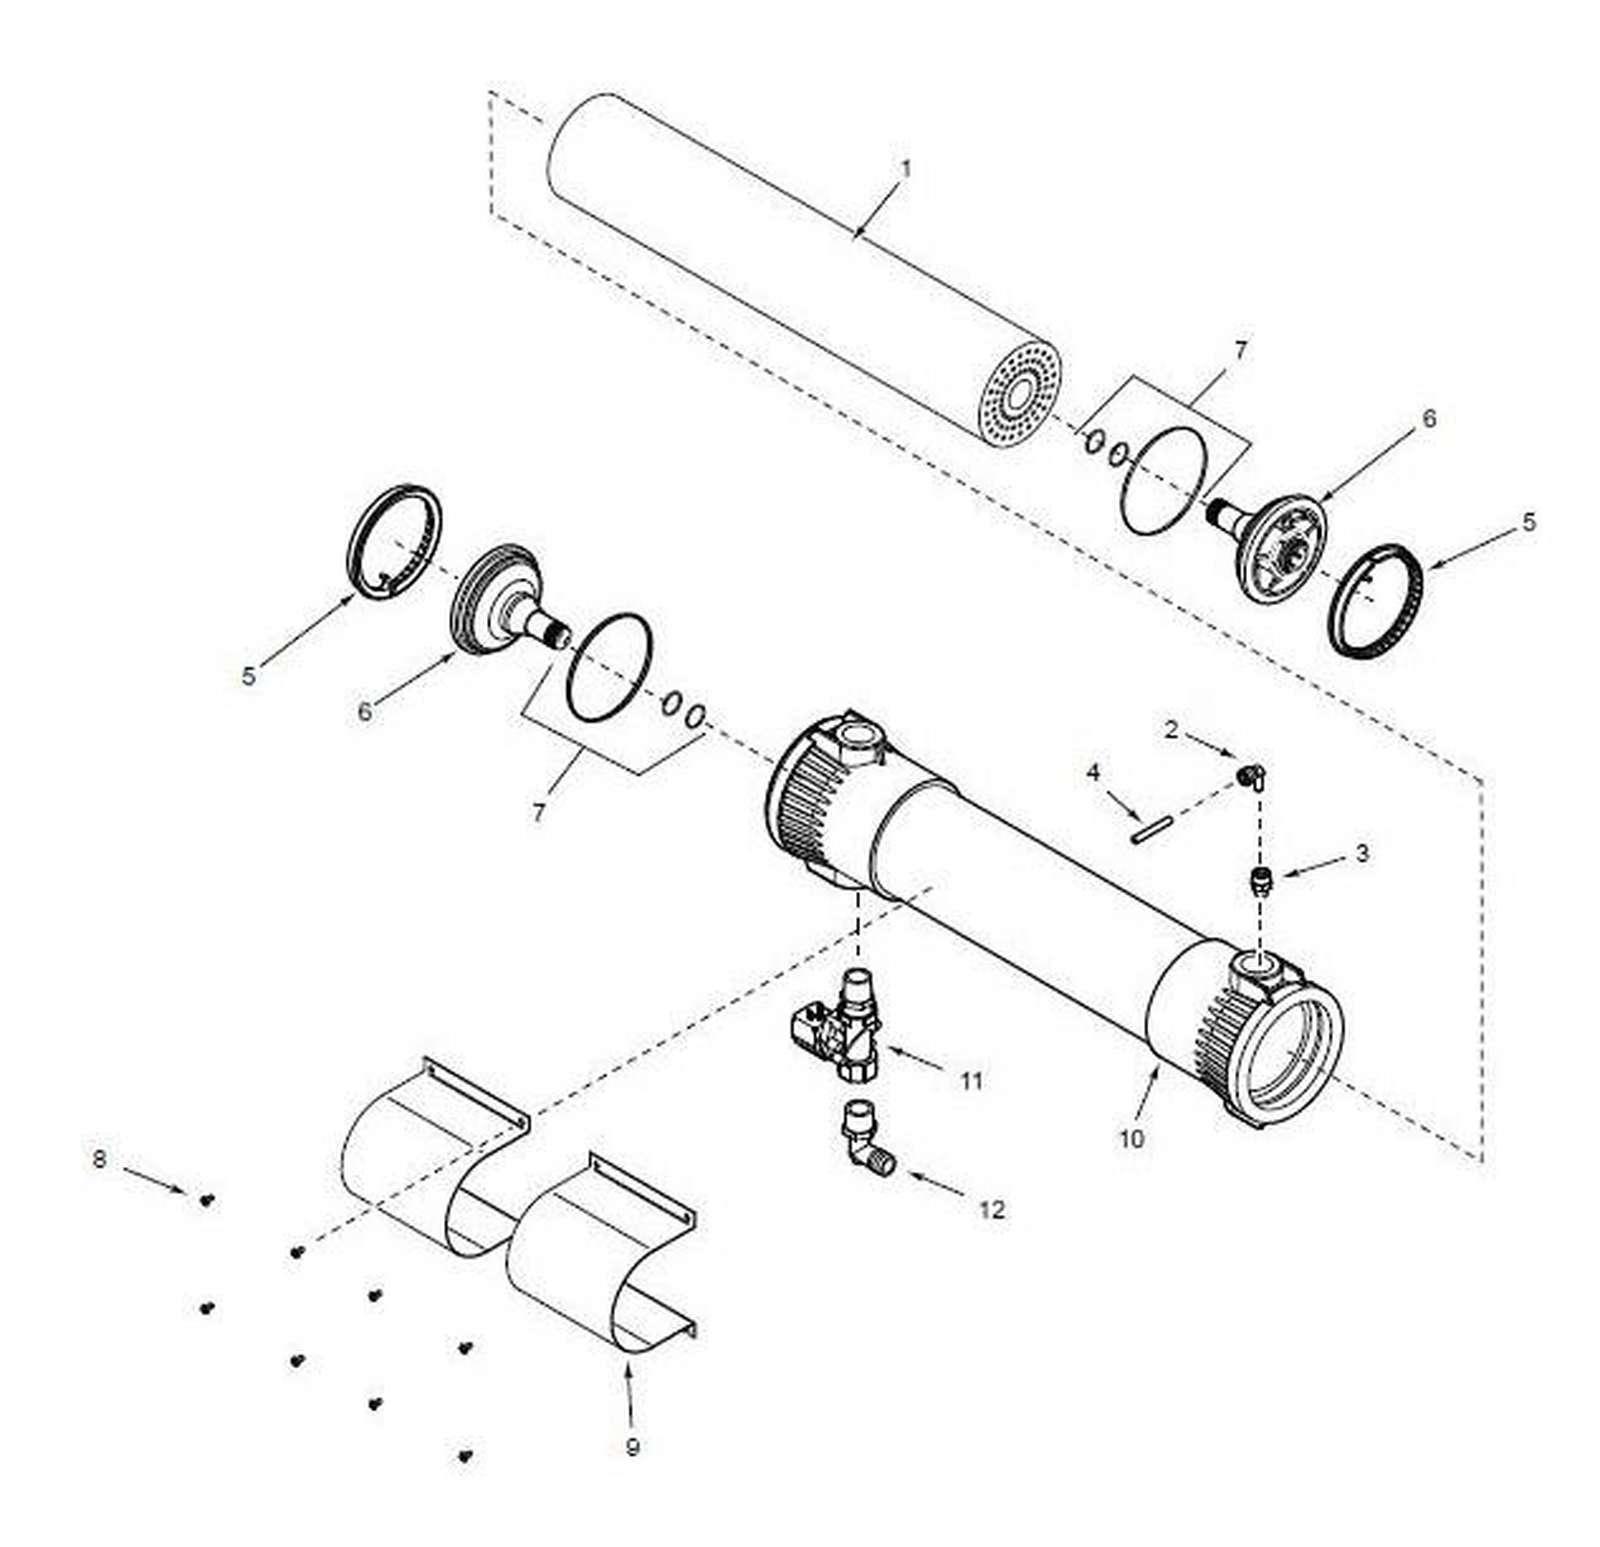 El Pollo Loco Milnor Dryer Wiring Diagram Ipd 719762 795967